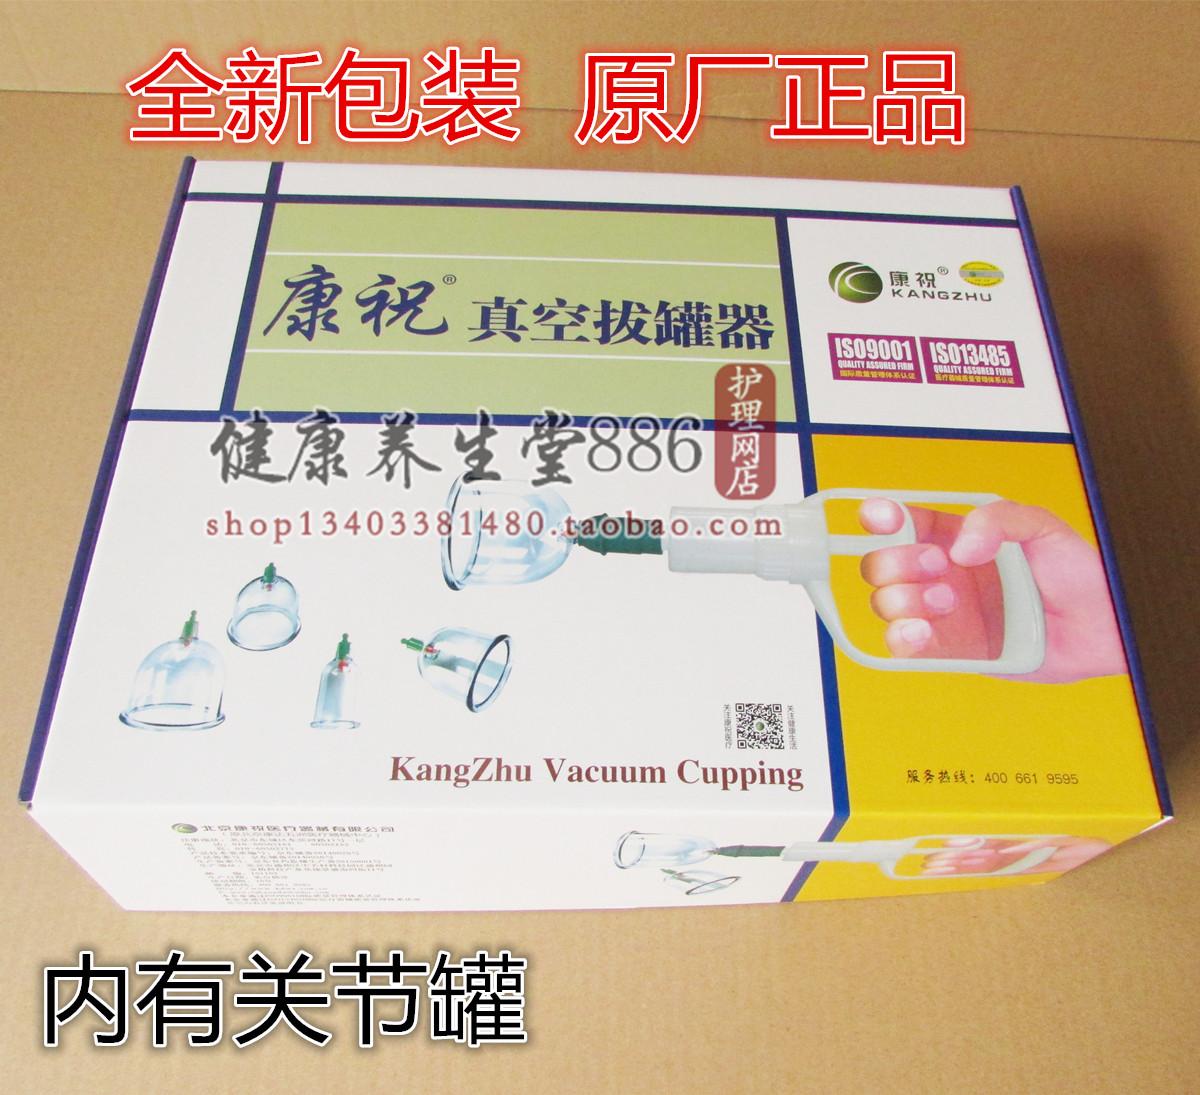 El correo real 24 latas de engrosamiento tocada tocada 康祝 tanque vacío doméstico B2424 24 de plástico